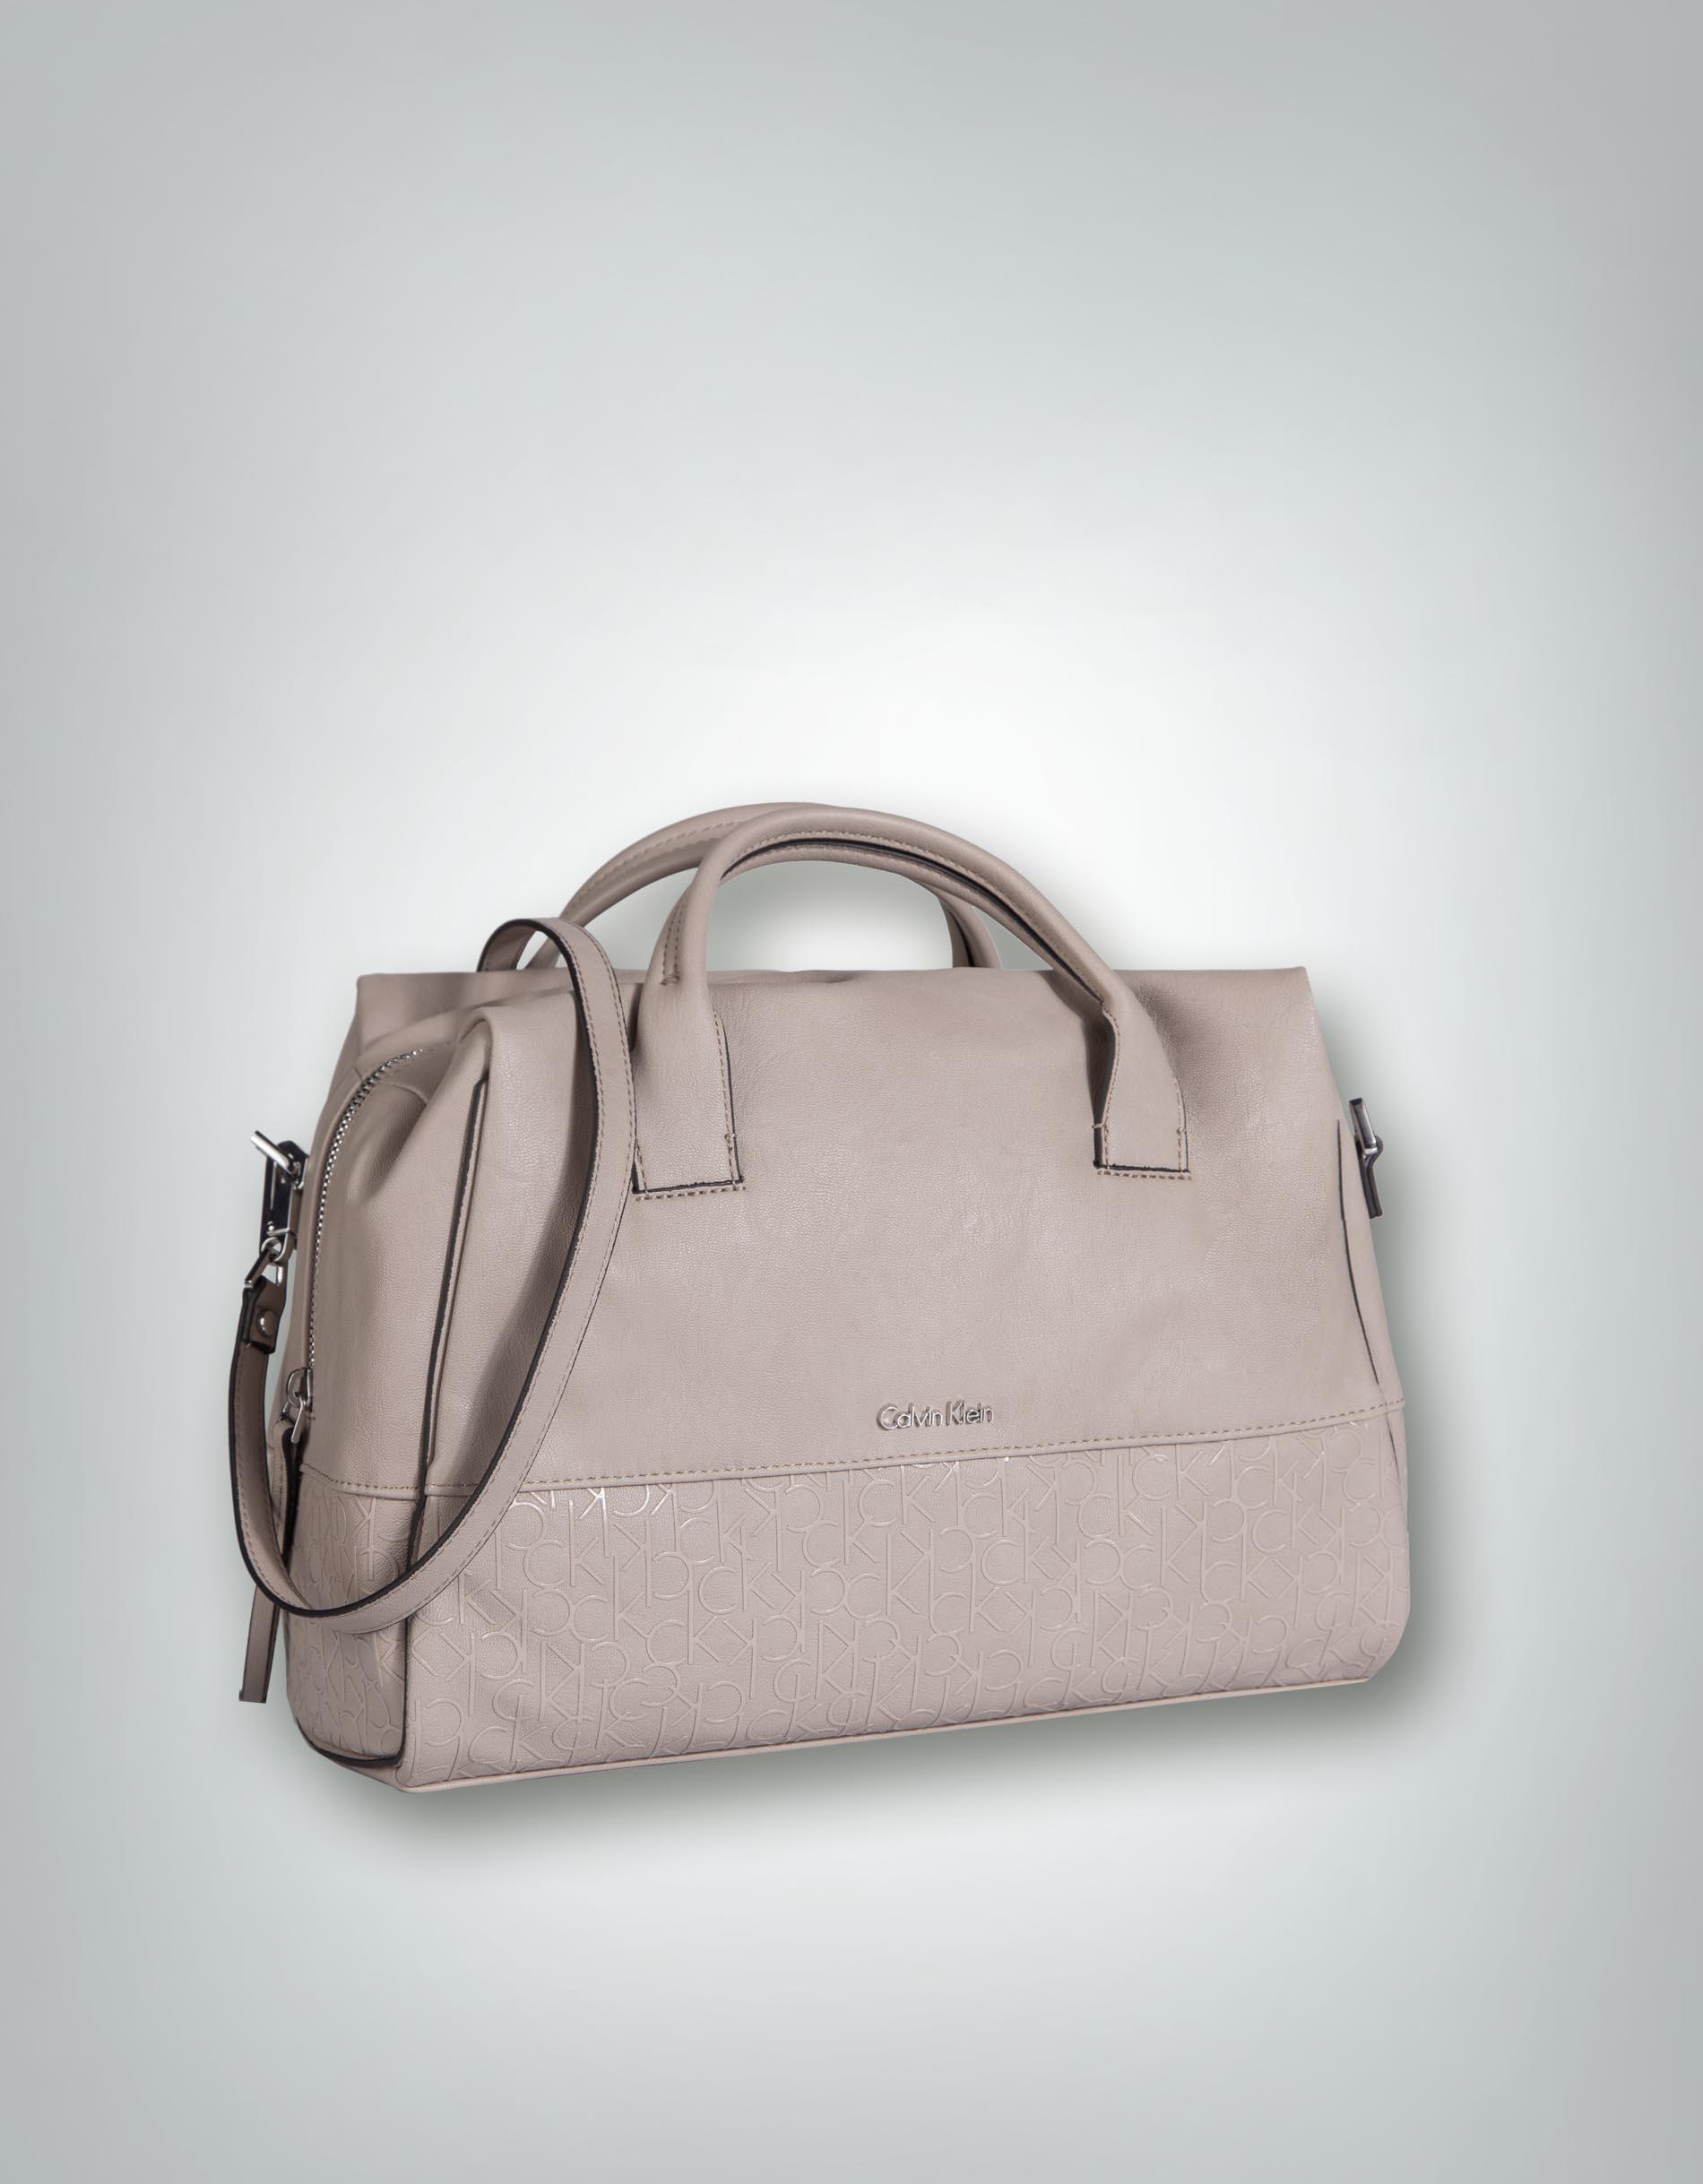 calvin klein jeans damen tasche tote bag mit logo pr gung. Black Bedroom Furniture Sets. Home Design Ideas